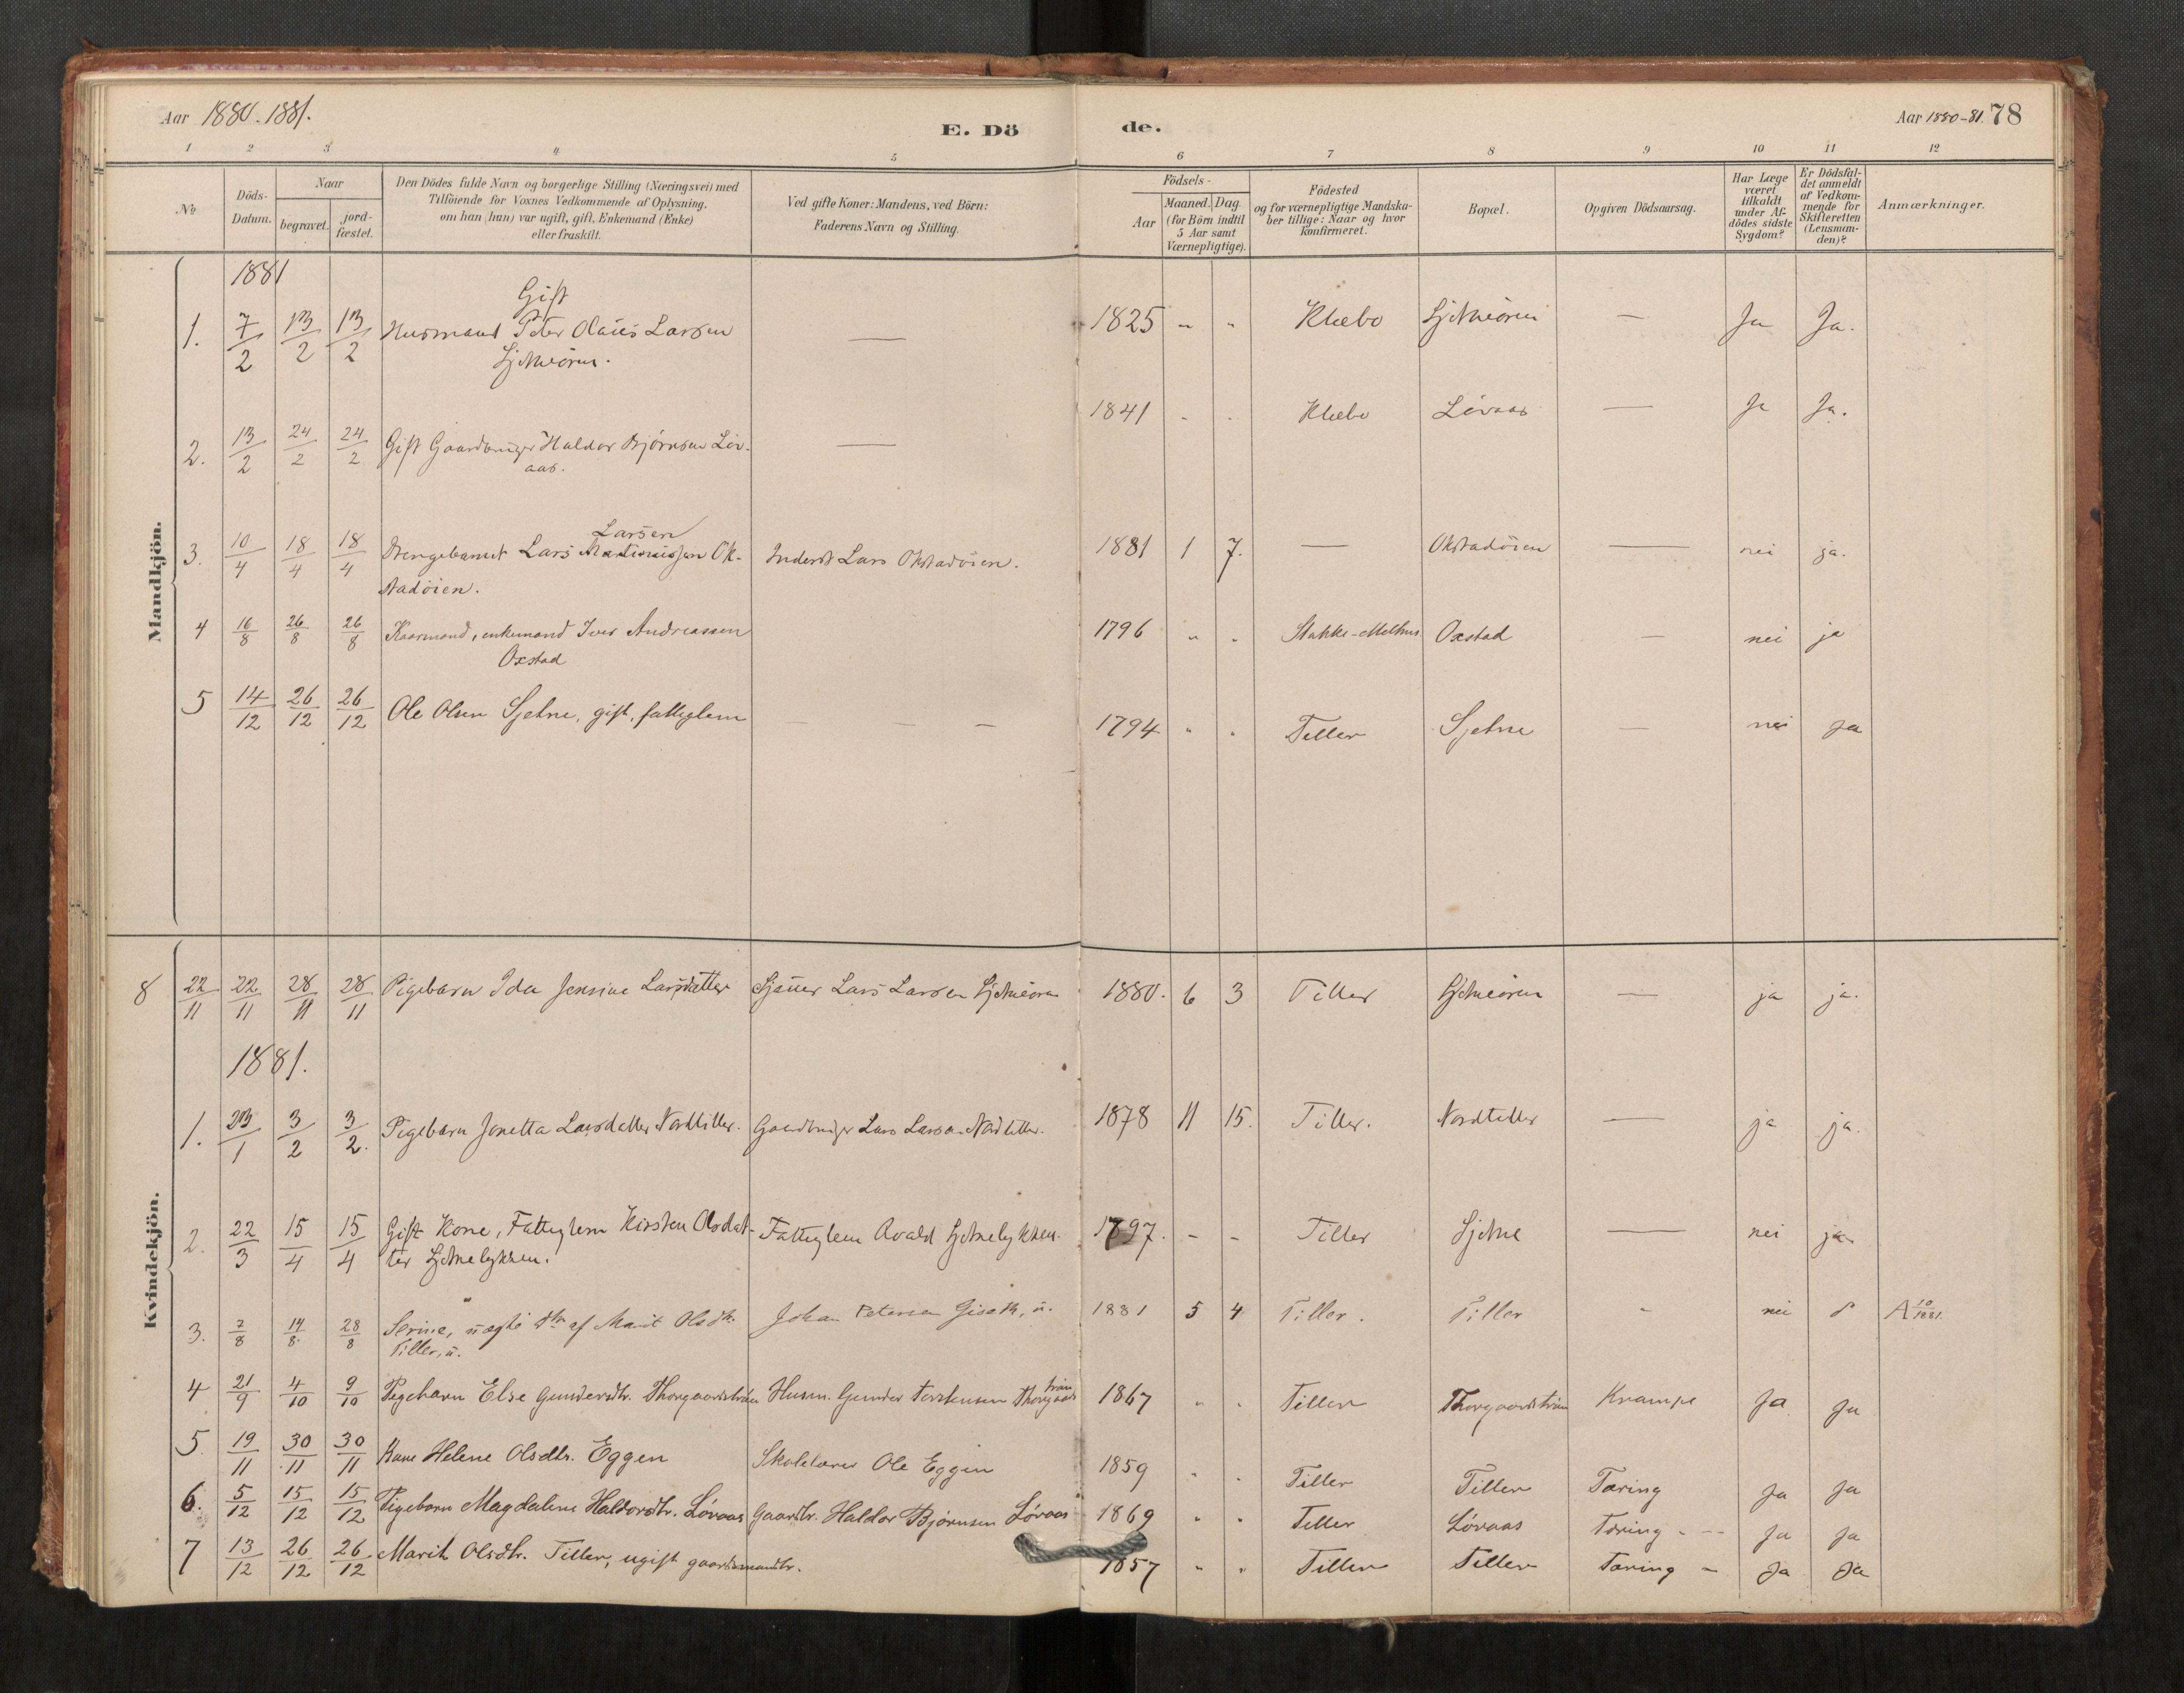 SAT, Klæbu sokneprestkontor, Parish register (official) no. 1, 1880-1900, p. 78